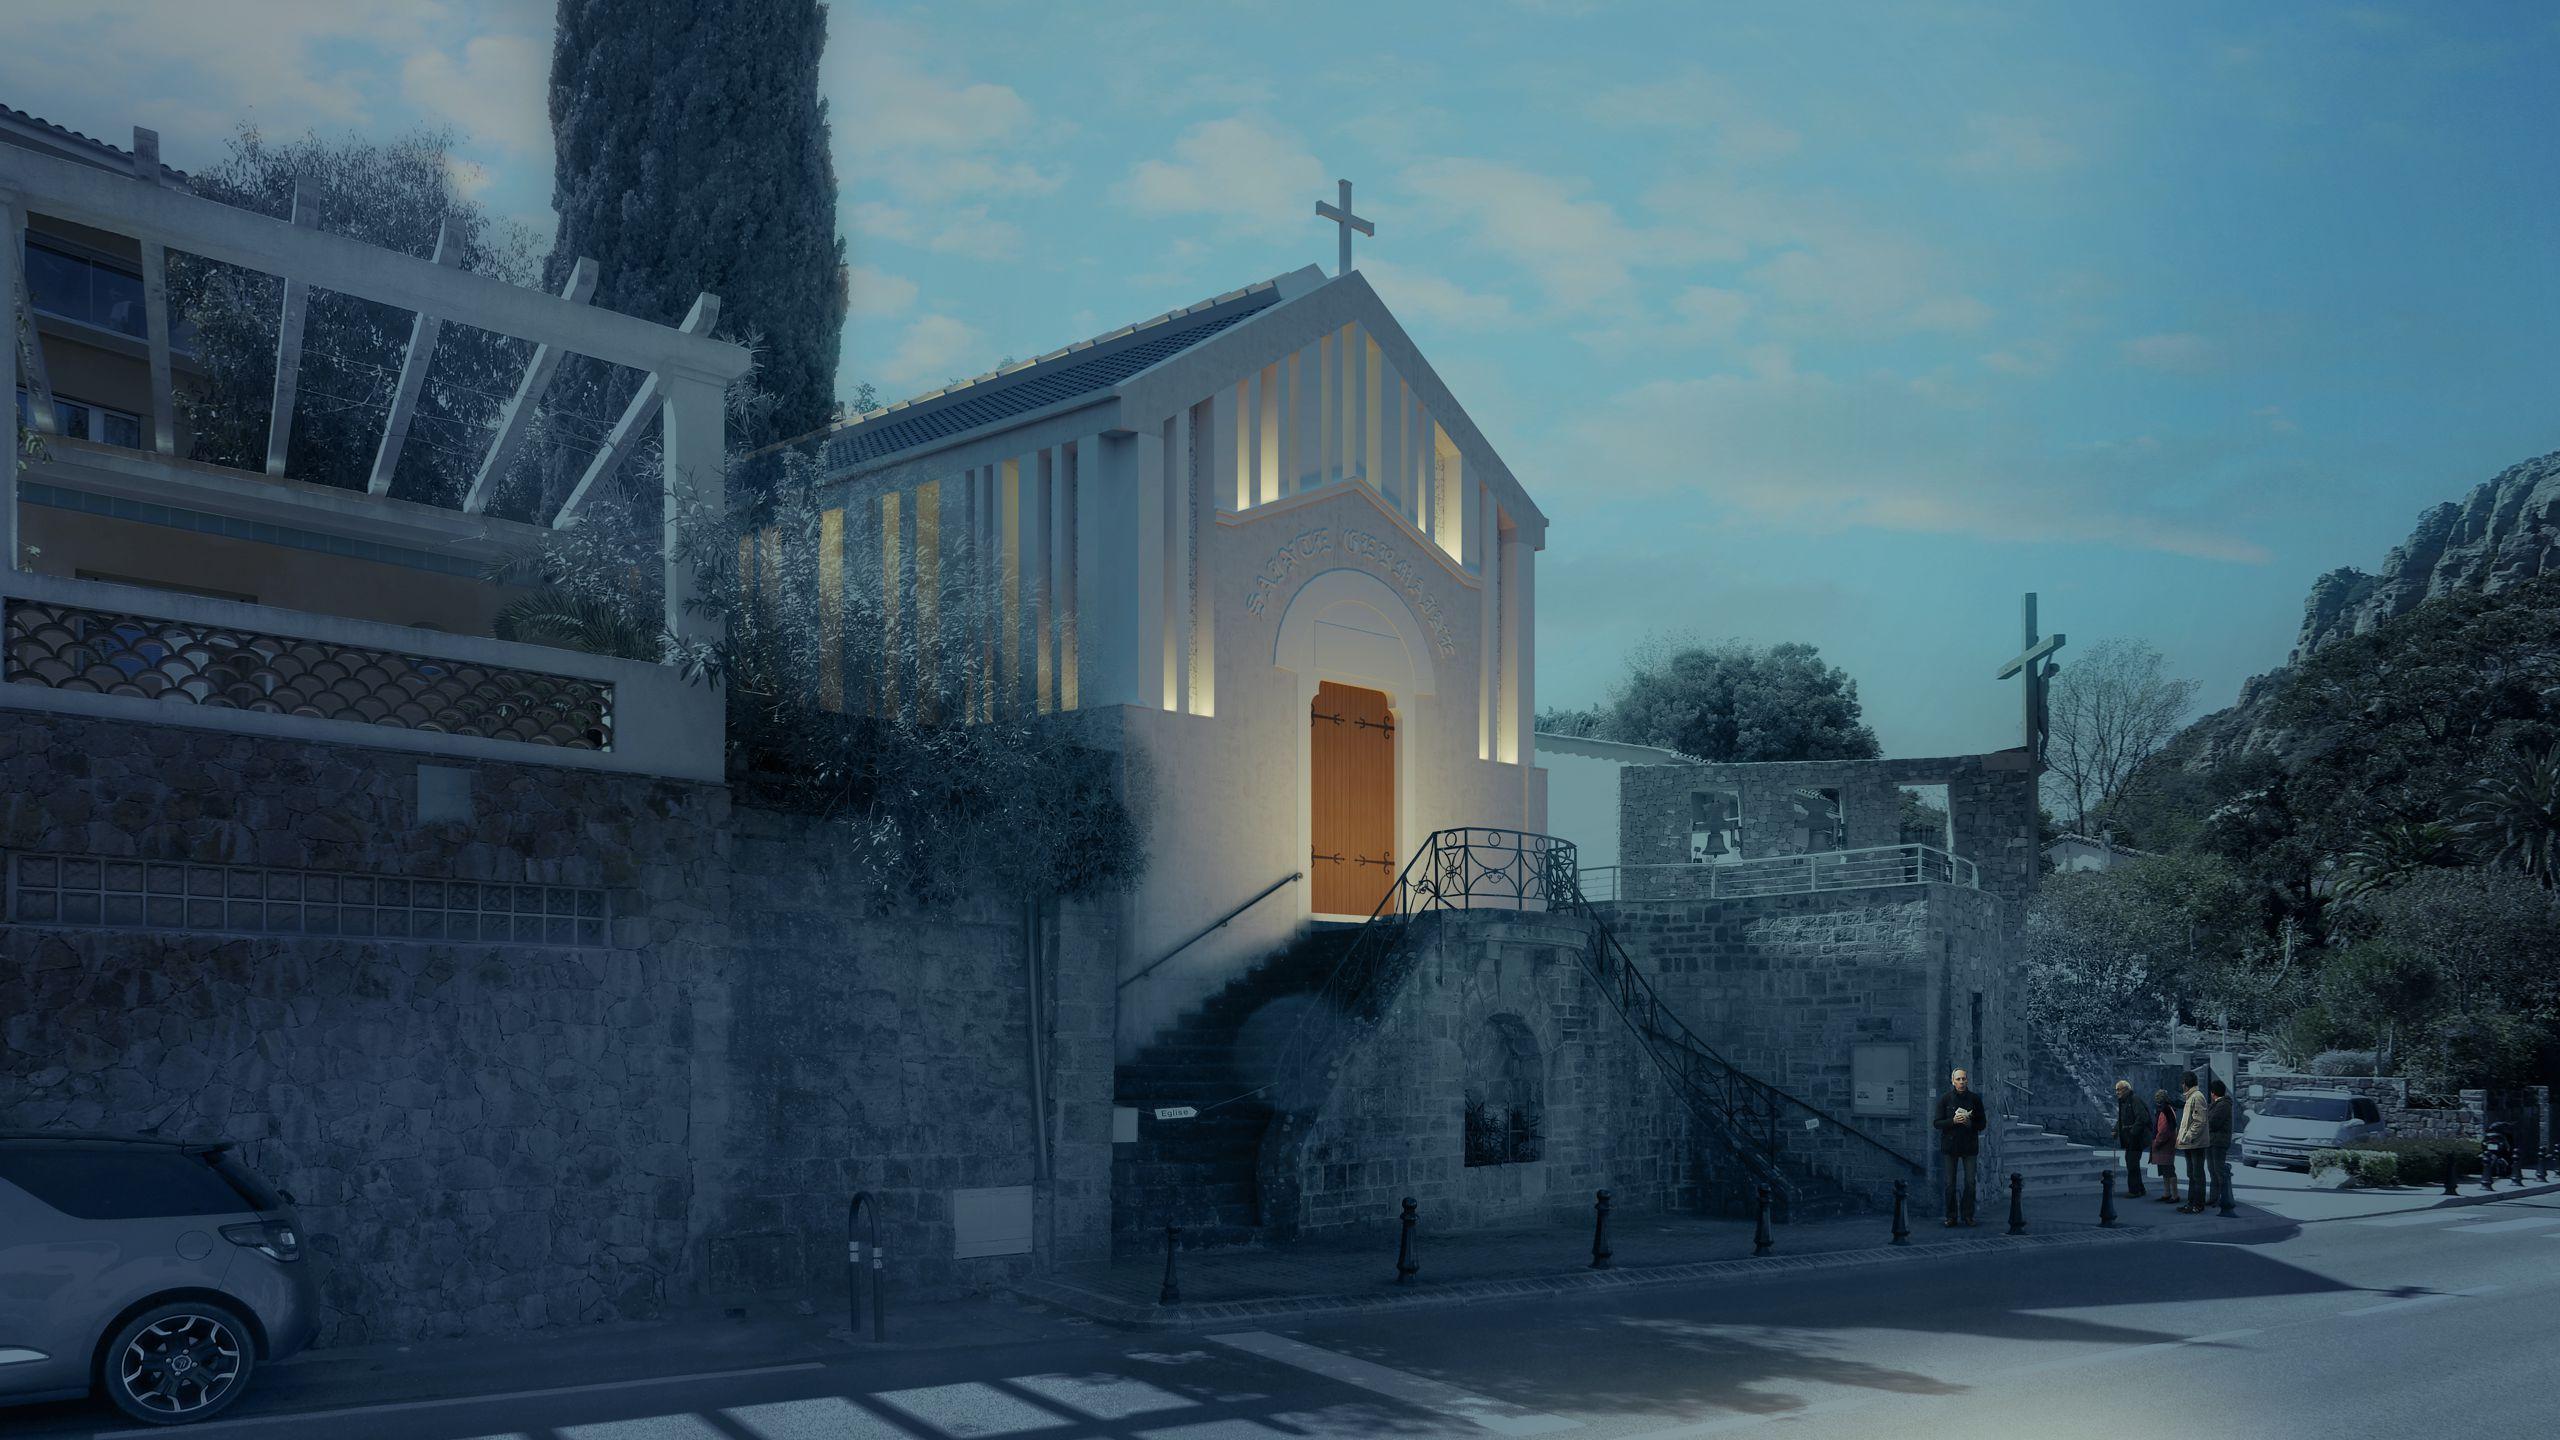 Eglise Ste Germaine - Lauréat